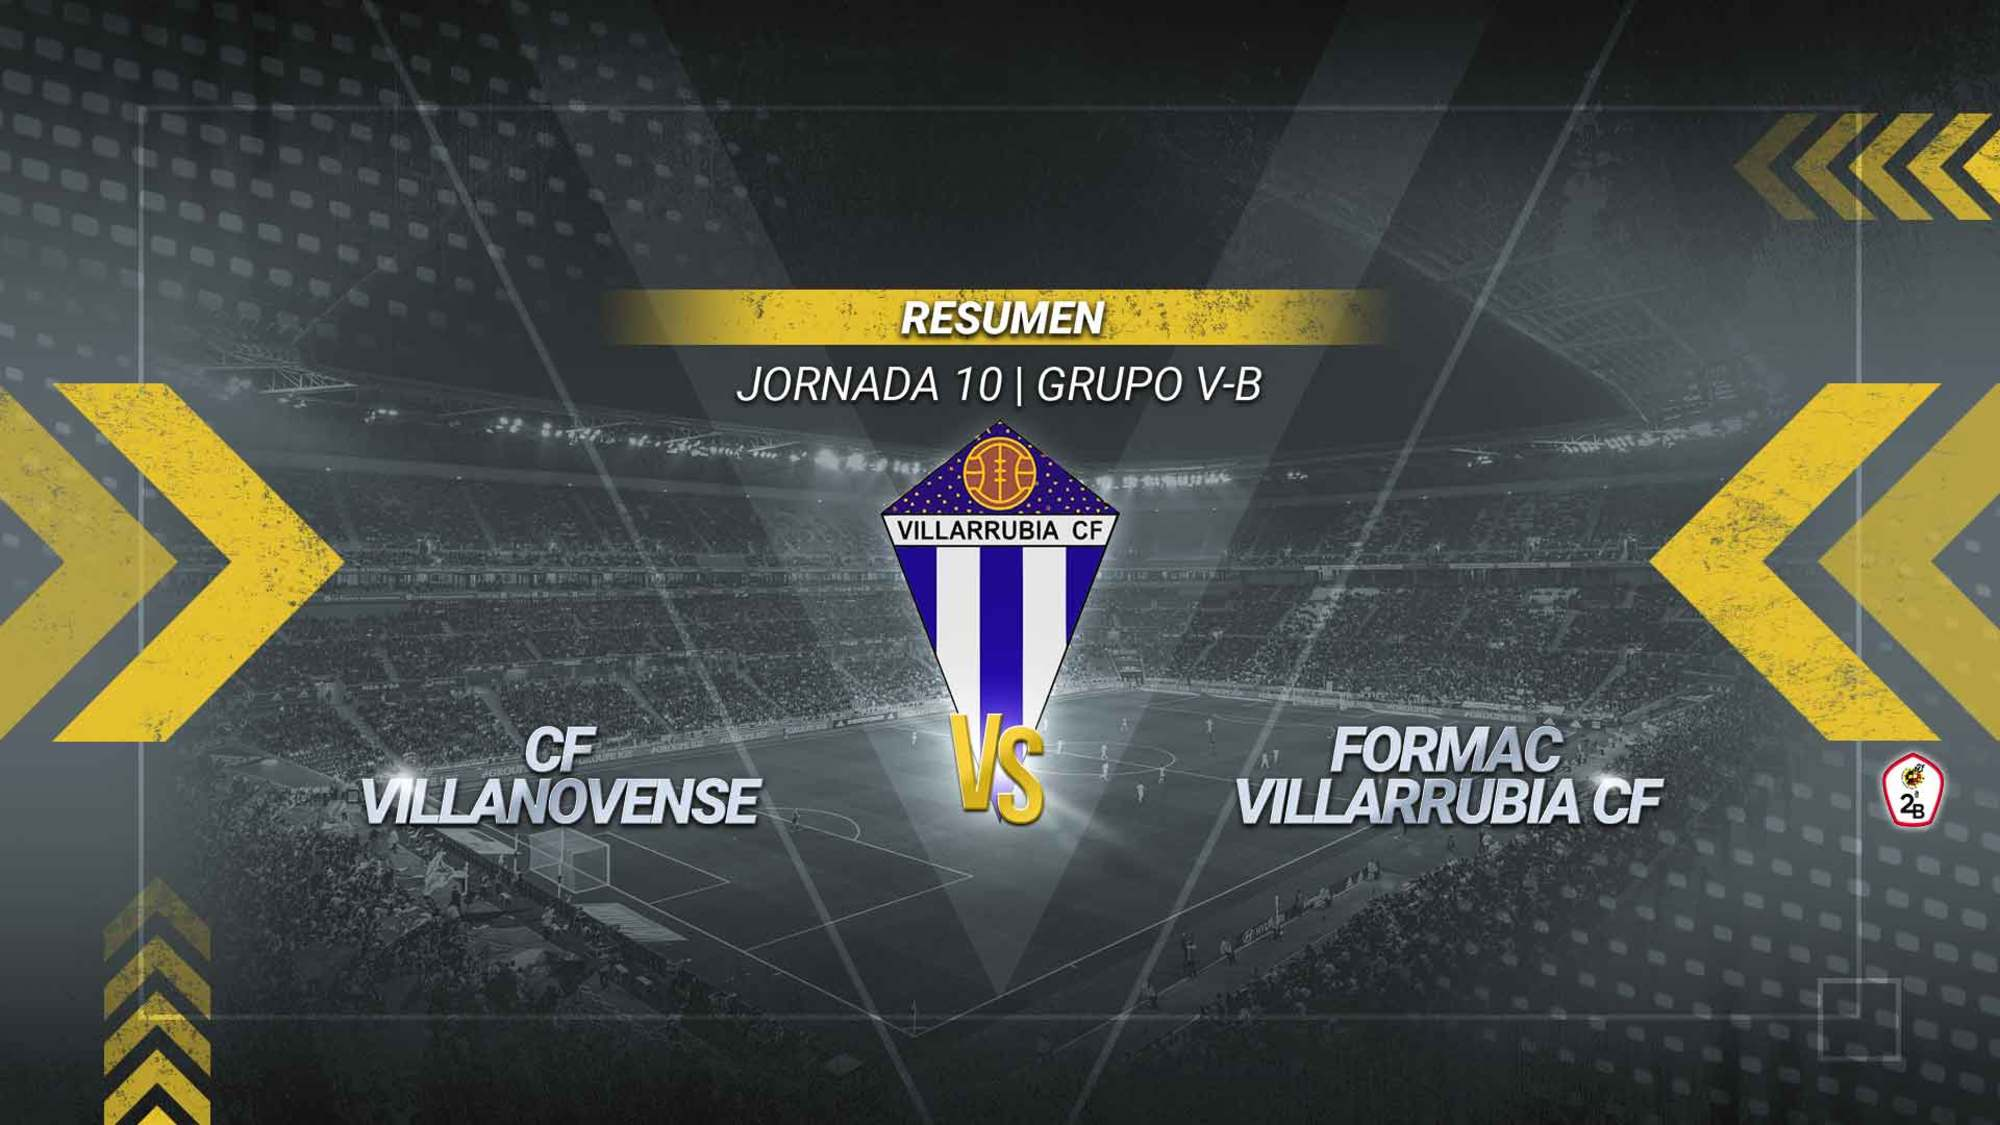 El Villarrubia rasca un punto en Villanueva de la Serena y vuelve a sumar. El gol de Álex Jiménez permite a los villarrubieros acabar con una mala racha de dos derrotas seguidas. Los de Javi Sánchez alcanzan los 12 puntos.